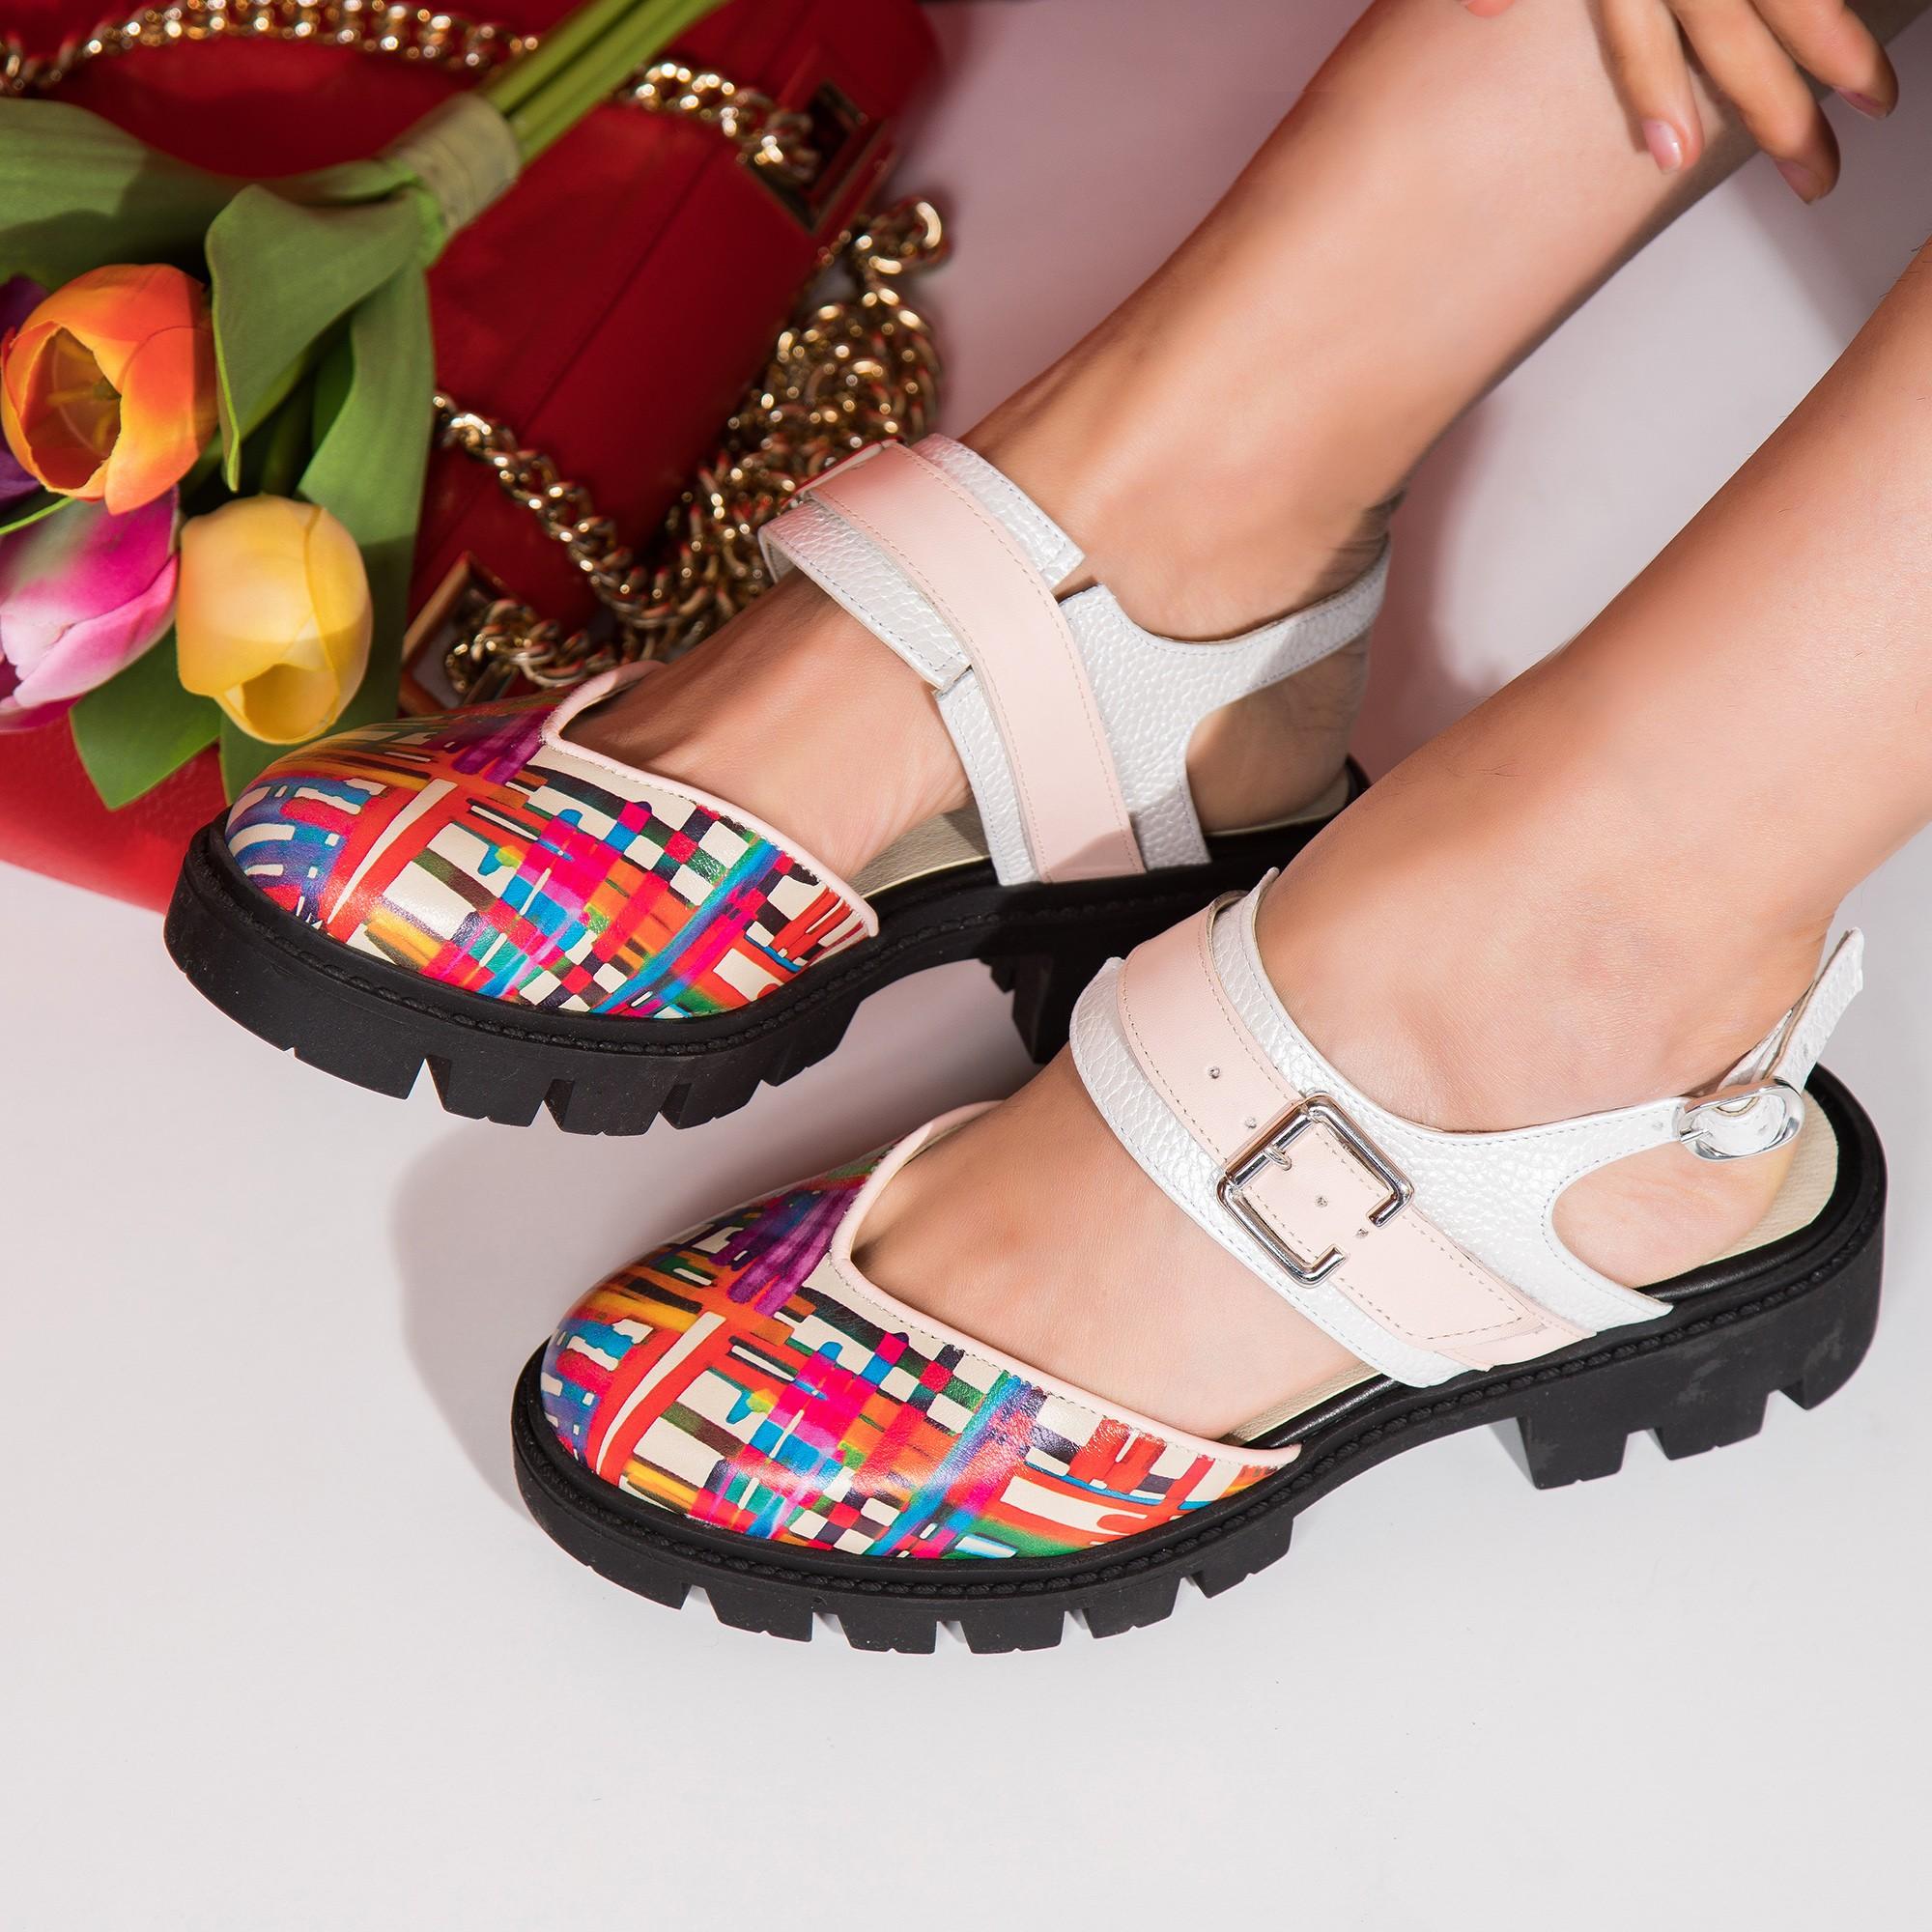 Pantofi Dama Casual Decupat Piele Color V21  - orice culoare